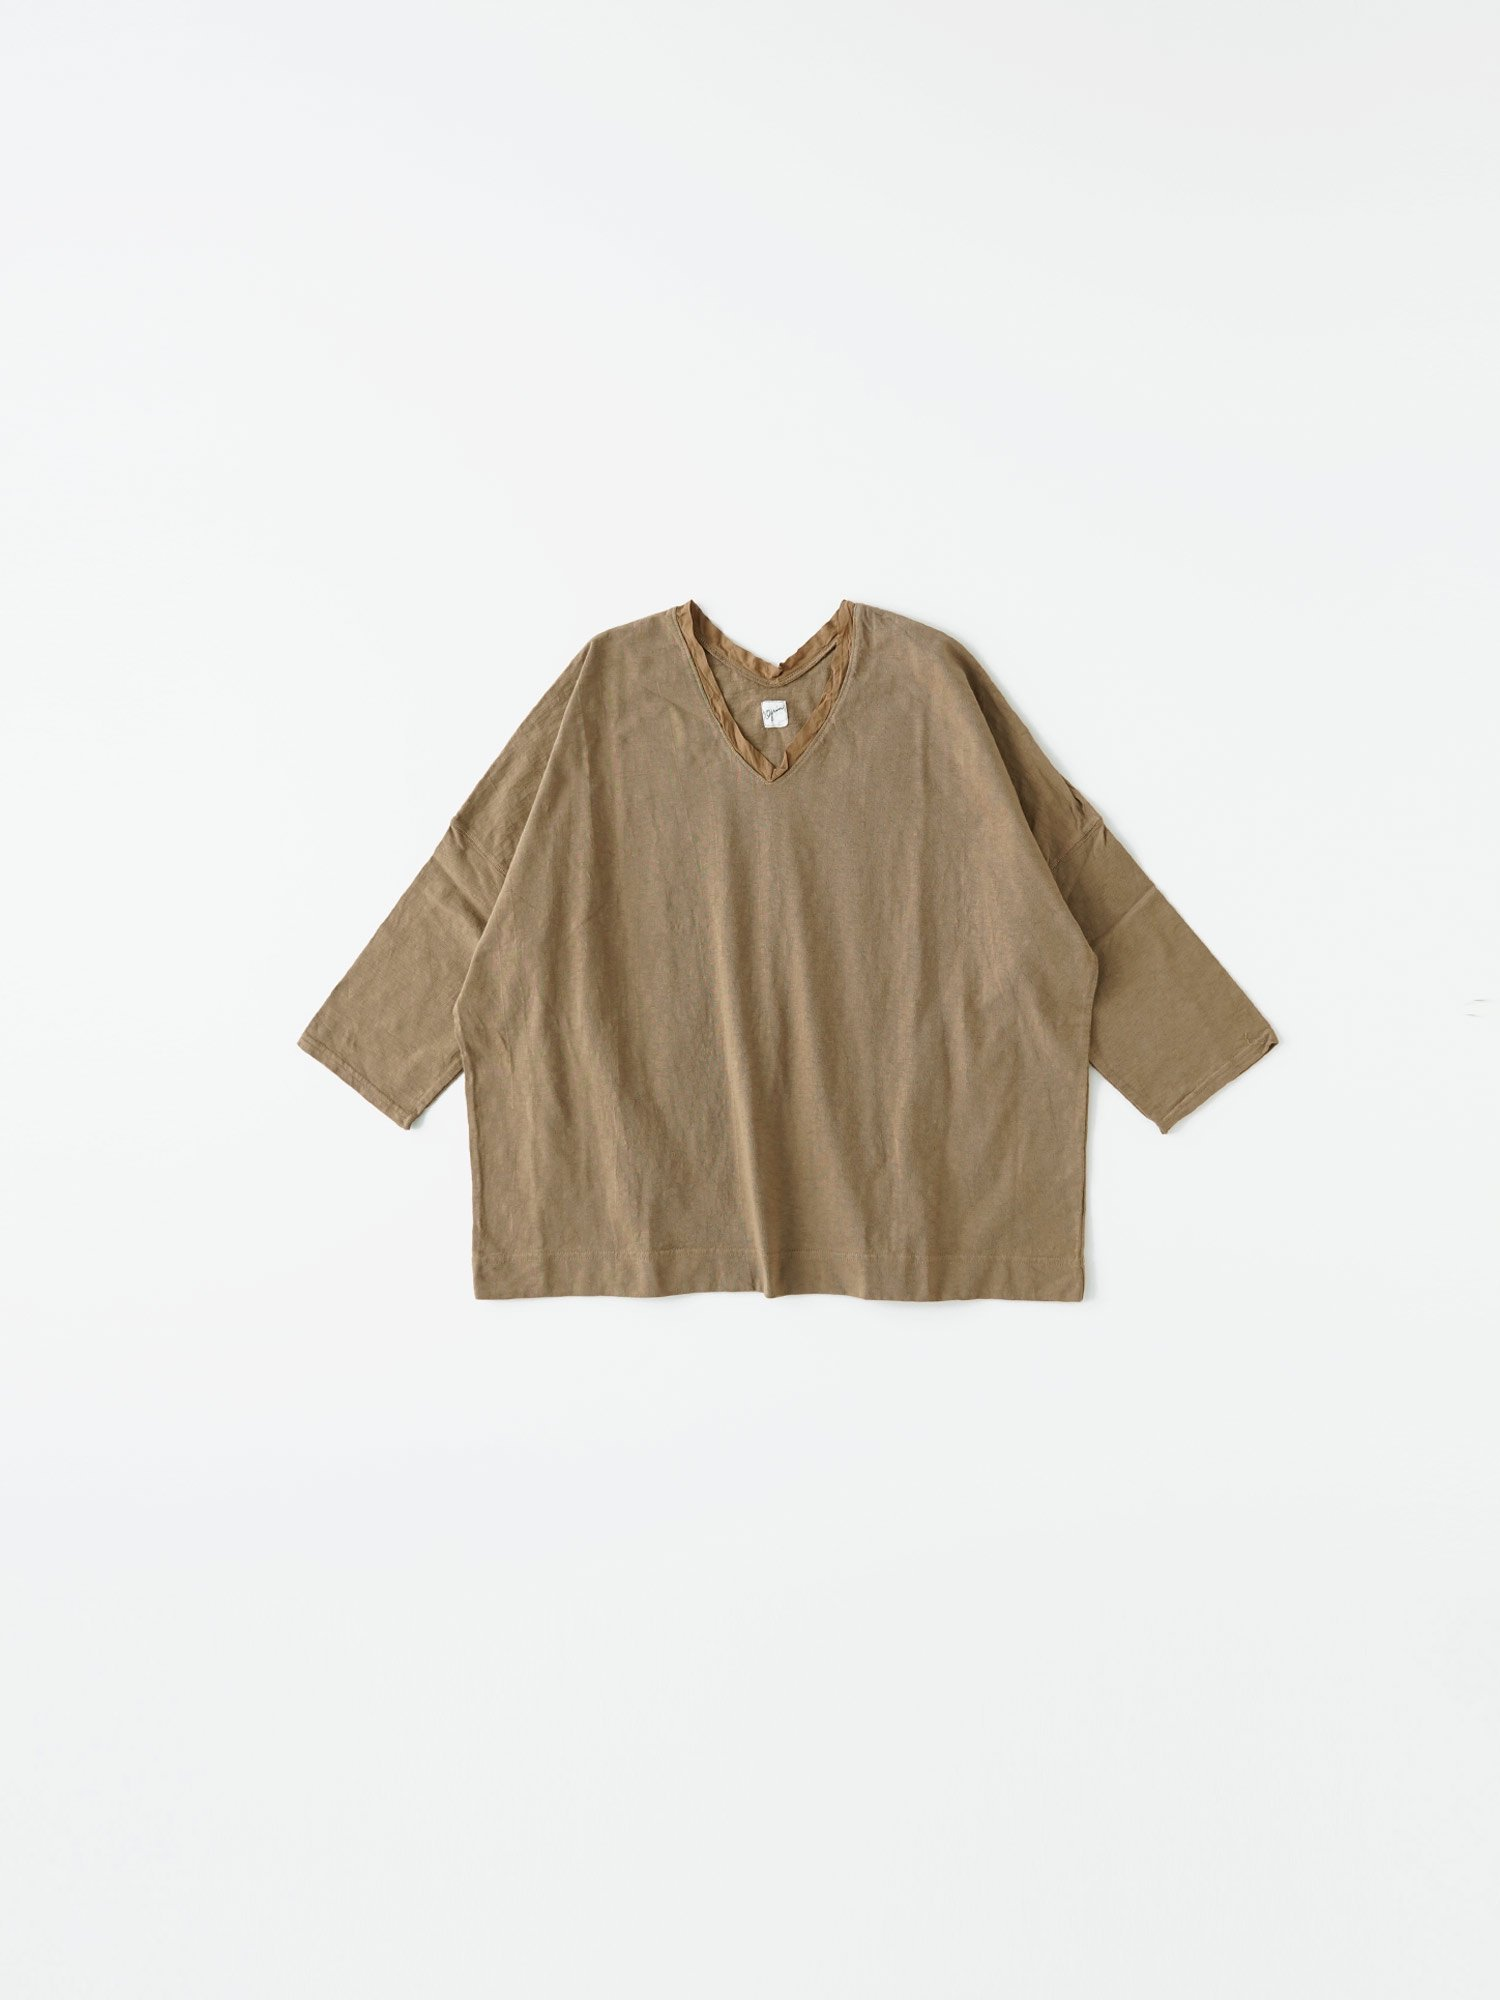 マナプール天竺 ポンチョ七分袖Tシャツ